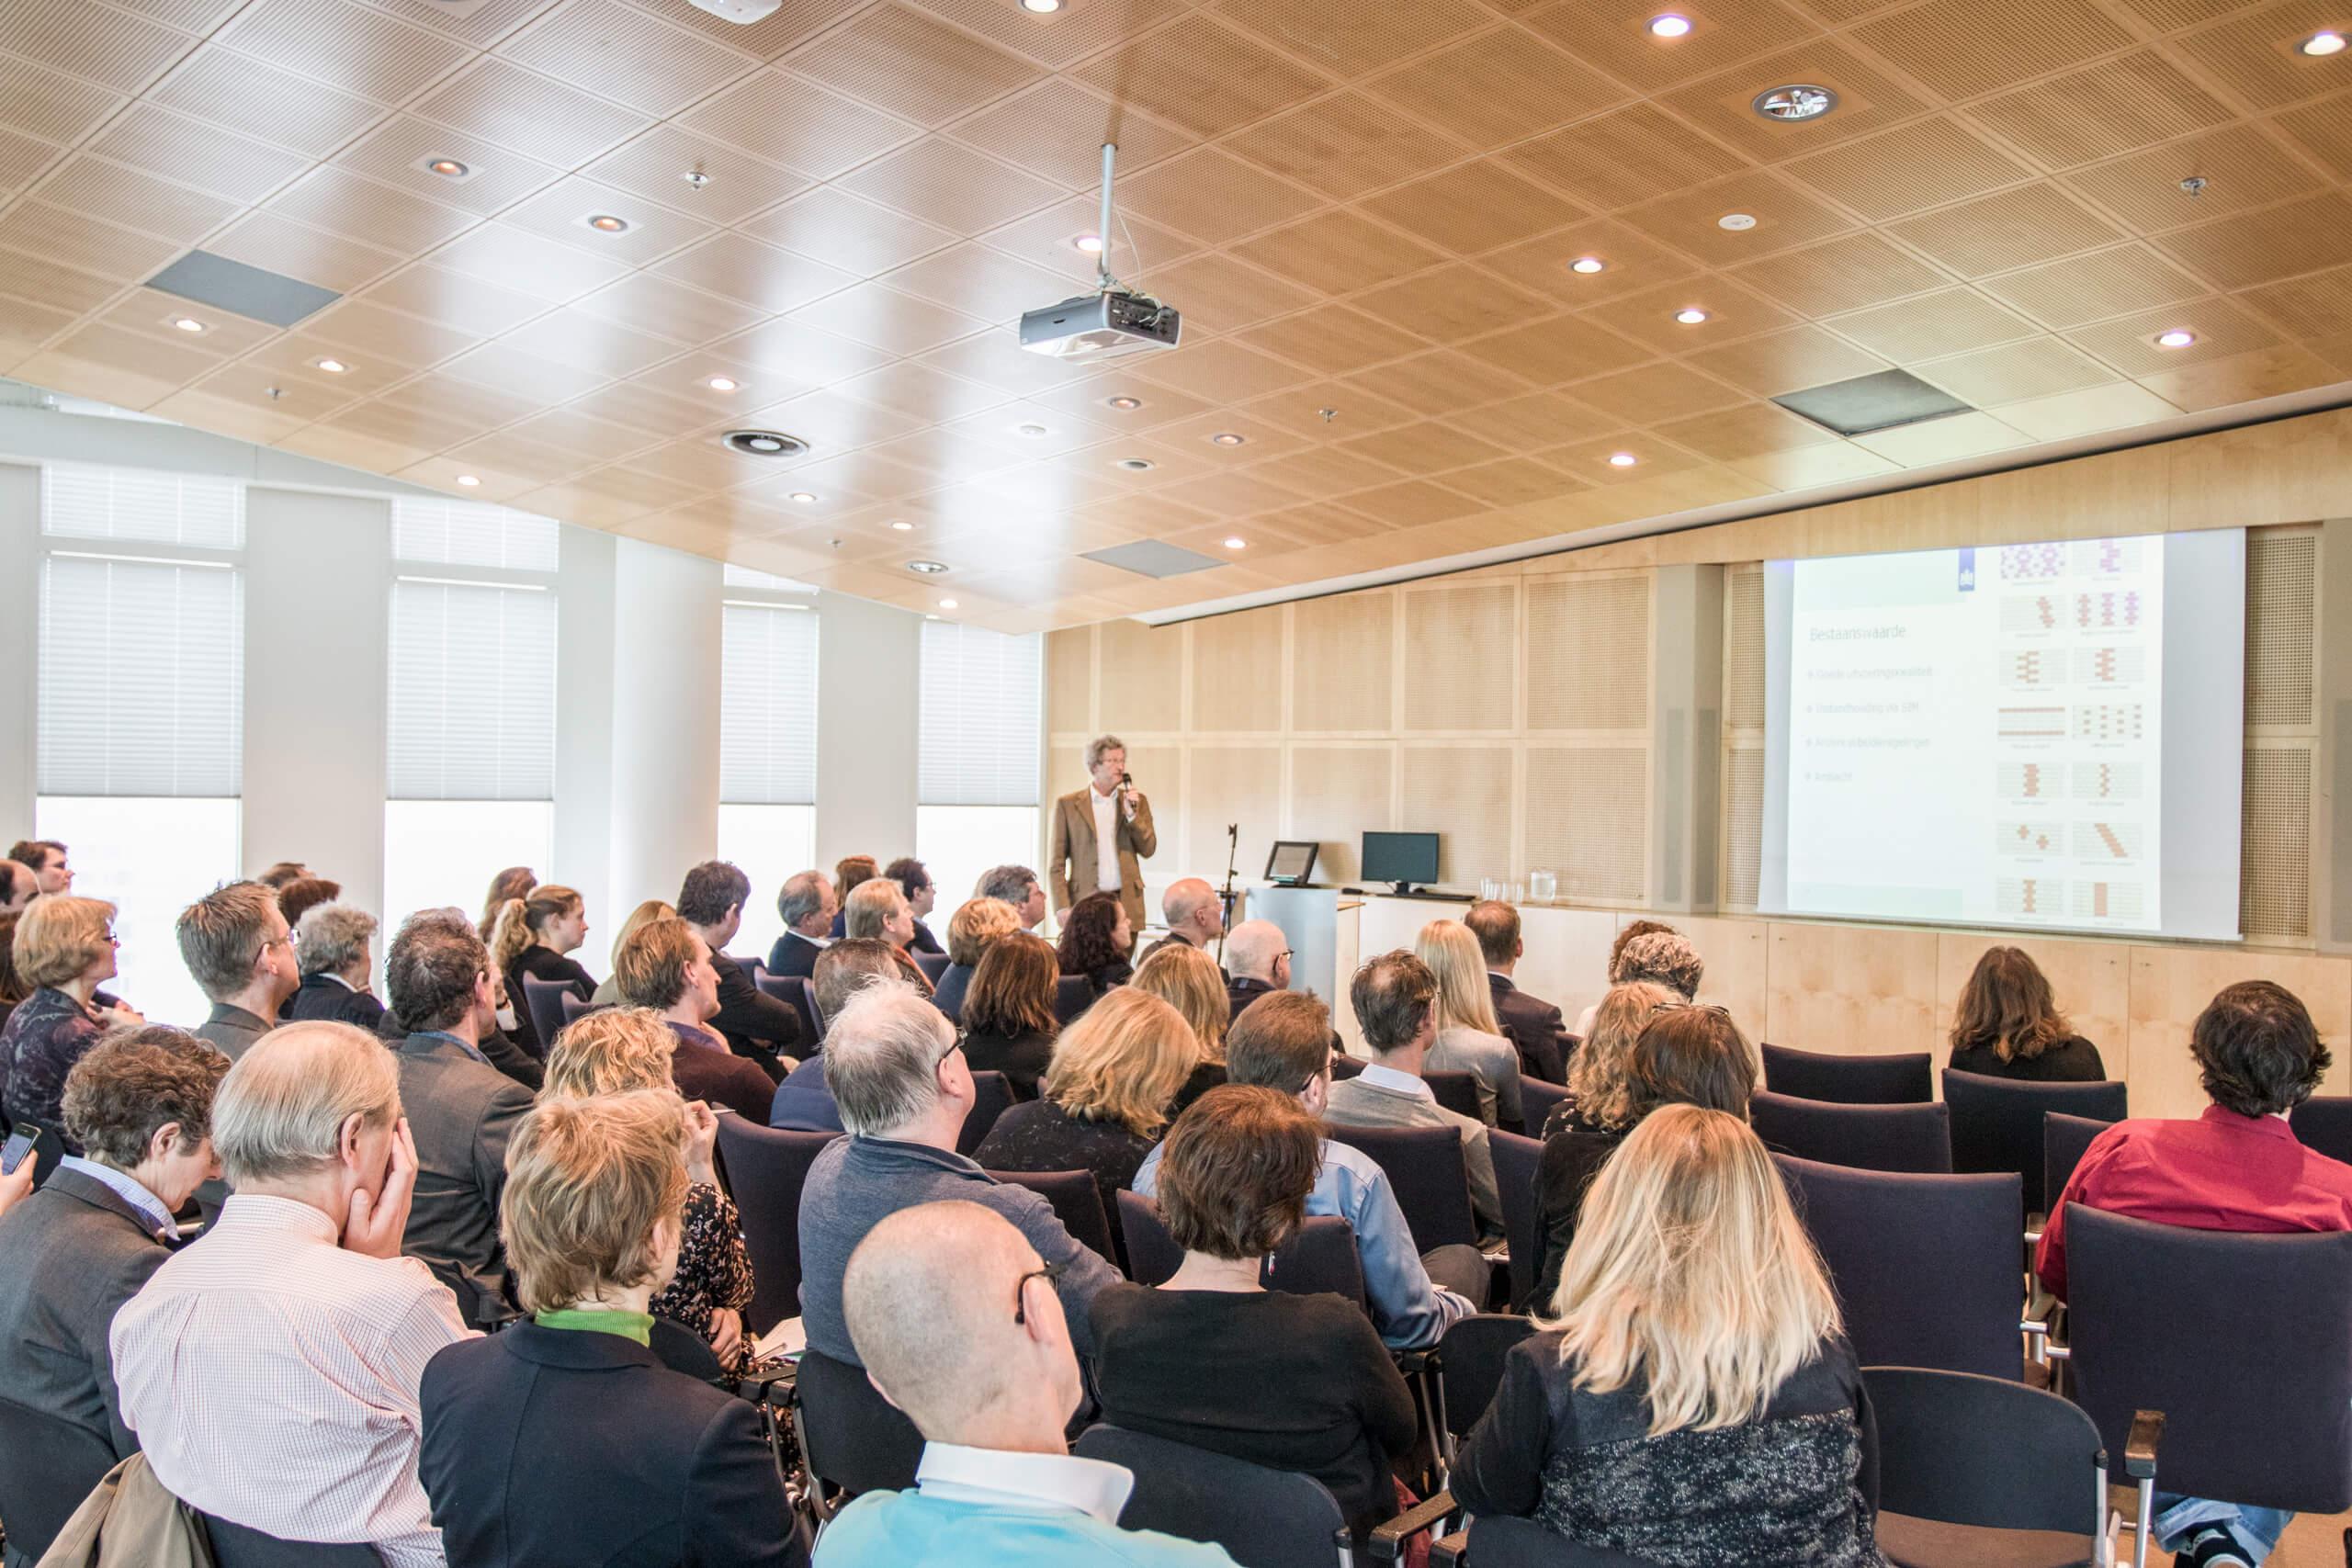 Presentatie, Erfgoed Balans, rapportage, Studio Duel